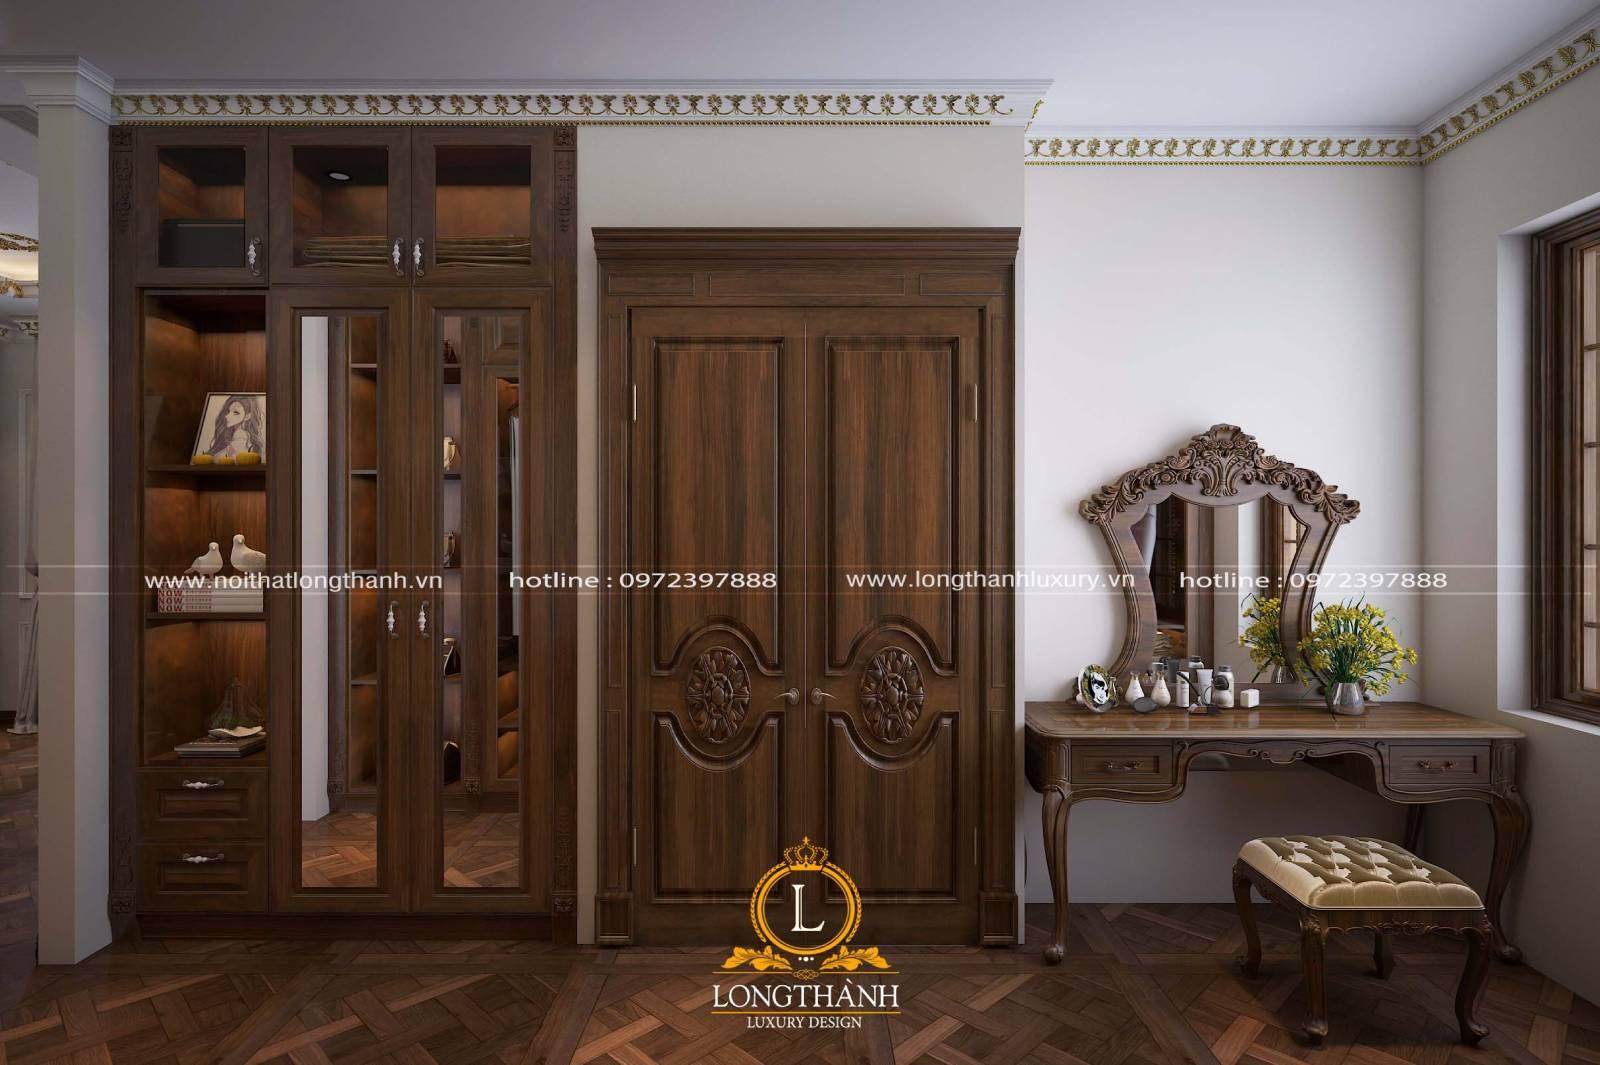 Mãu cửa 2 cánh đẹp phong cách tân cổ điển làm từ gỗ Sồi tự nhiên